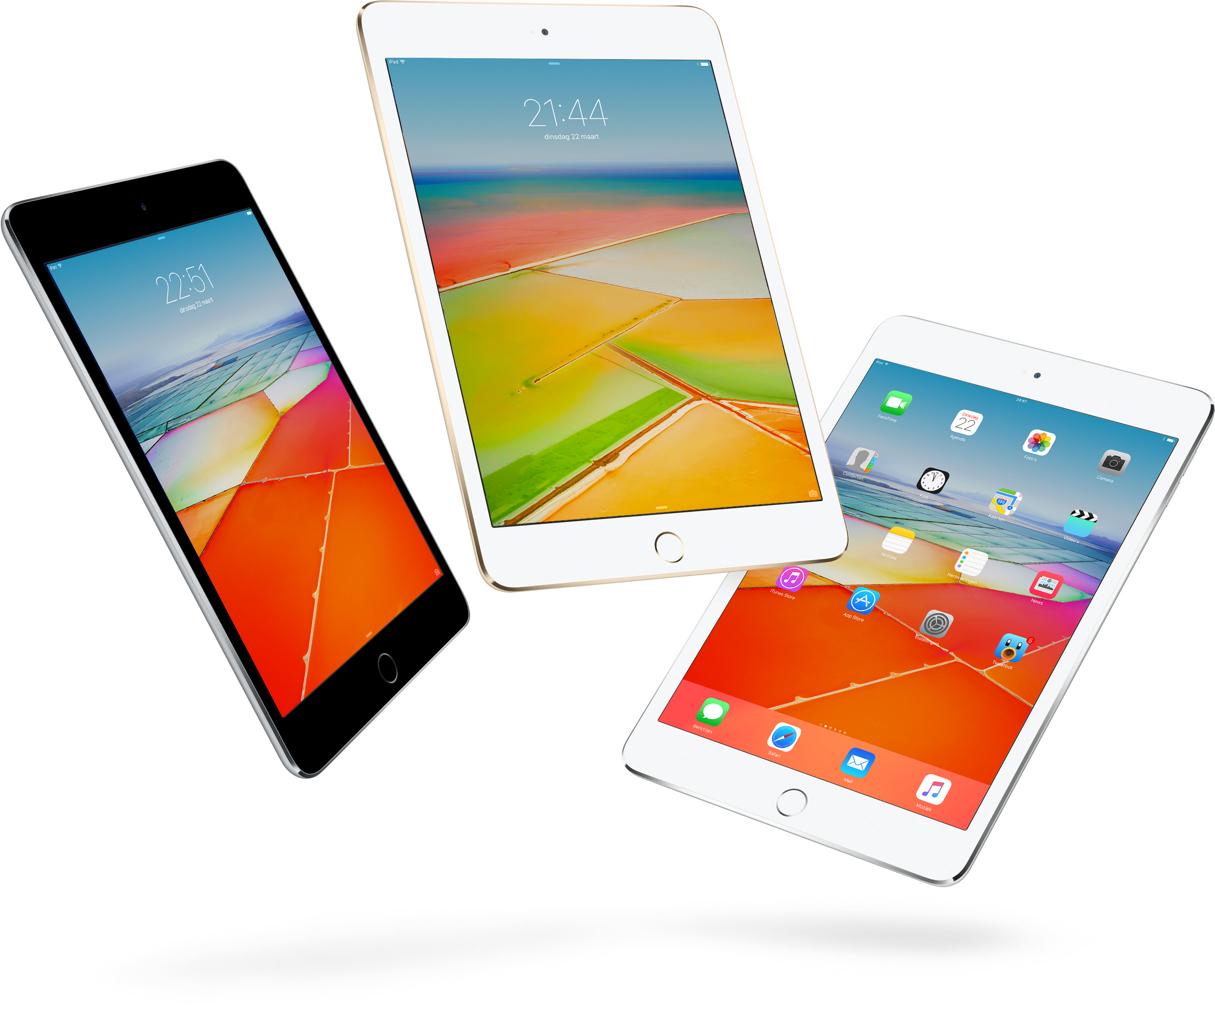 iPad wallpapers 21 maart